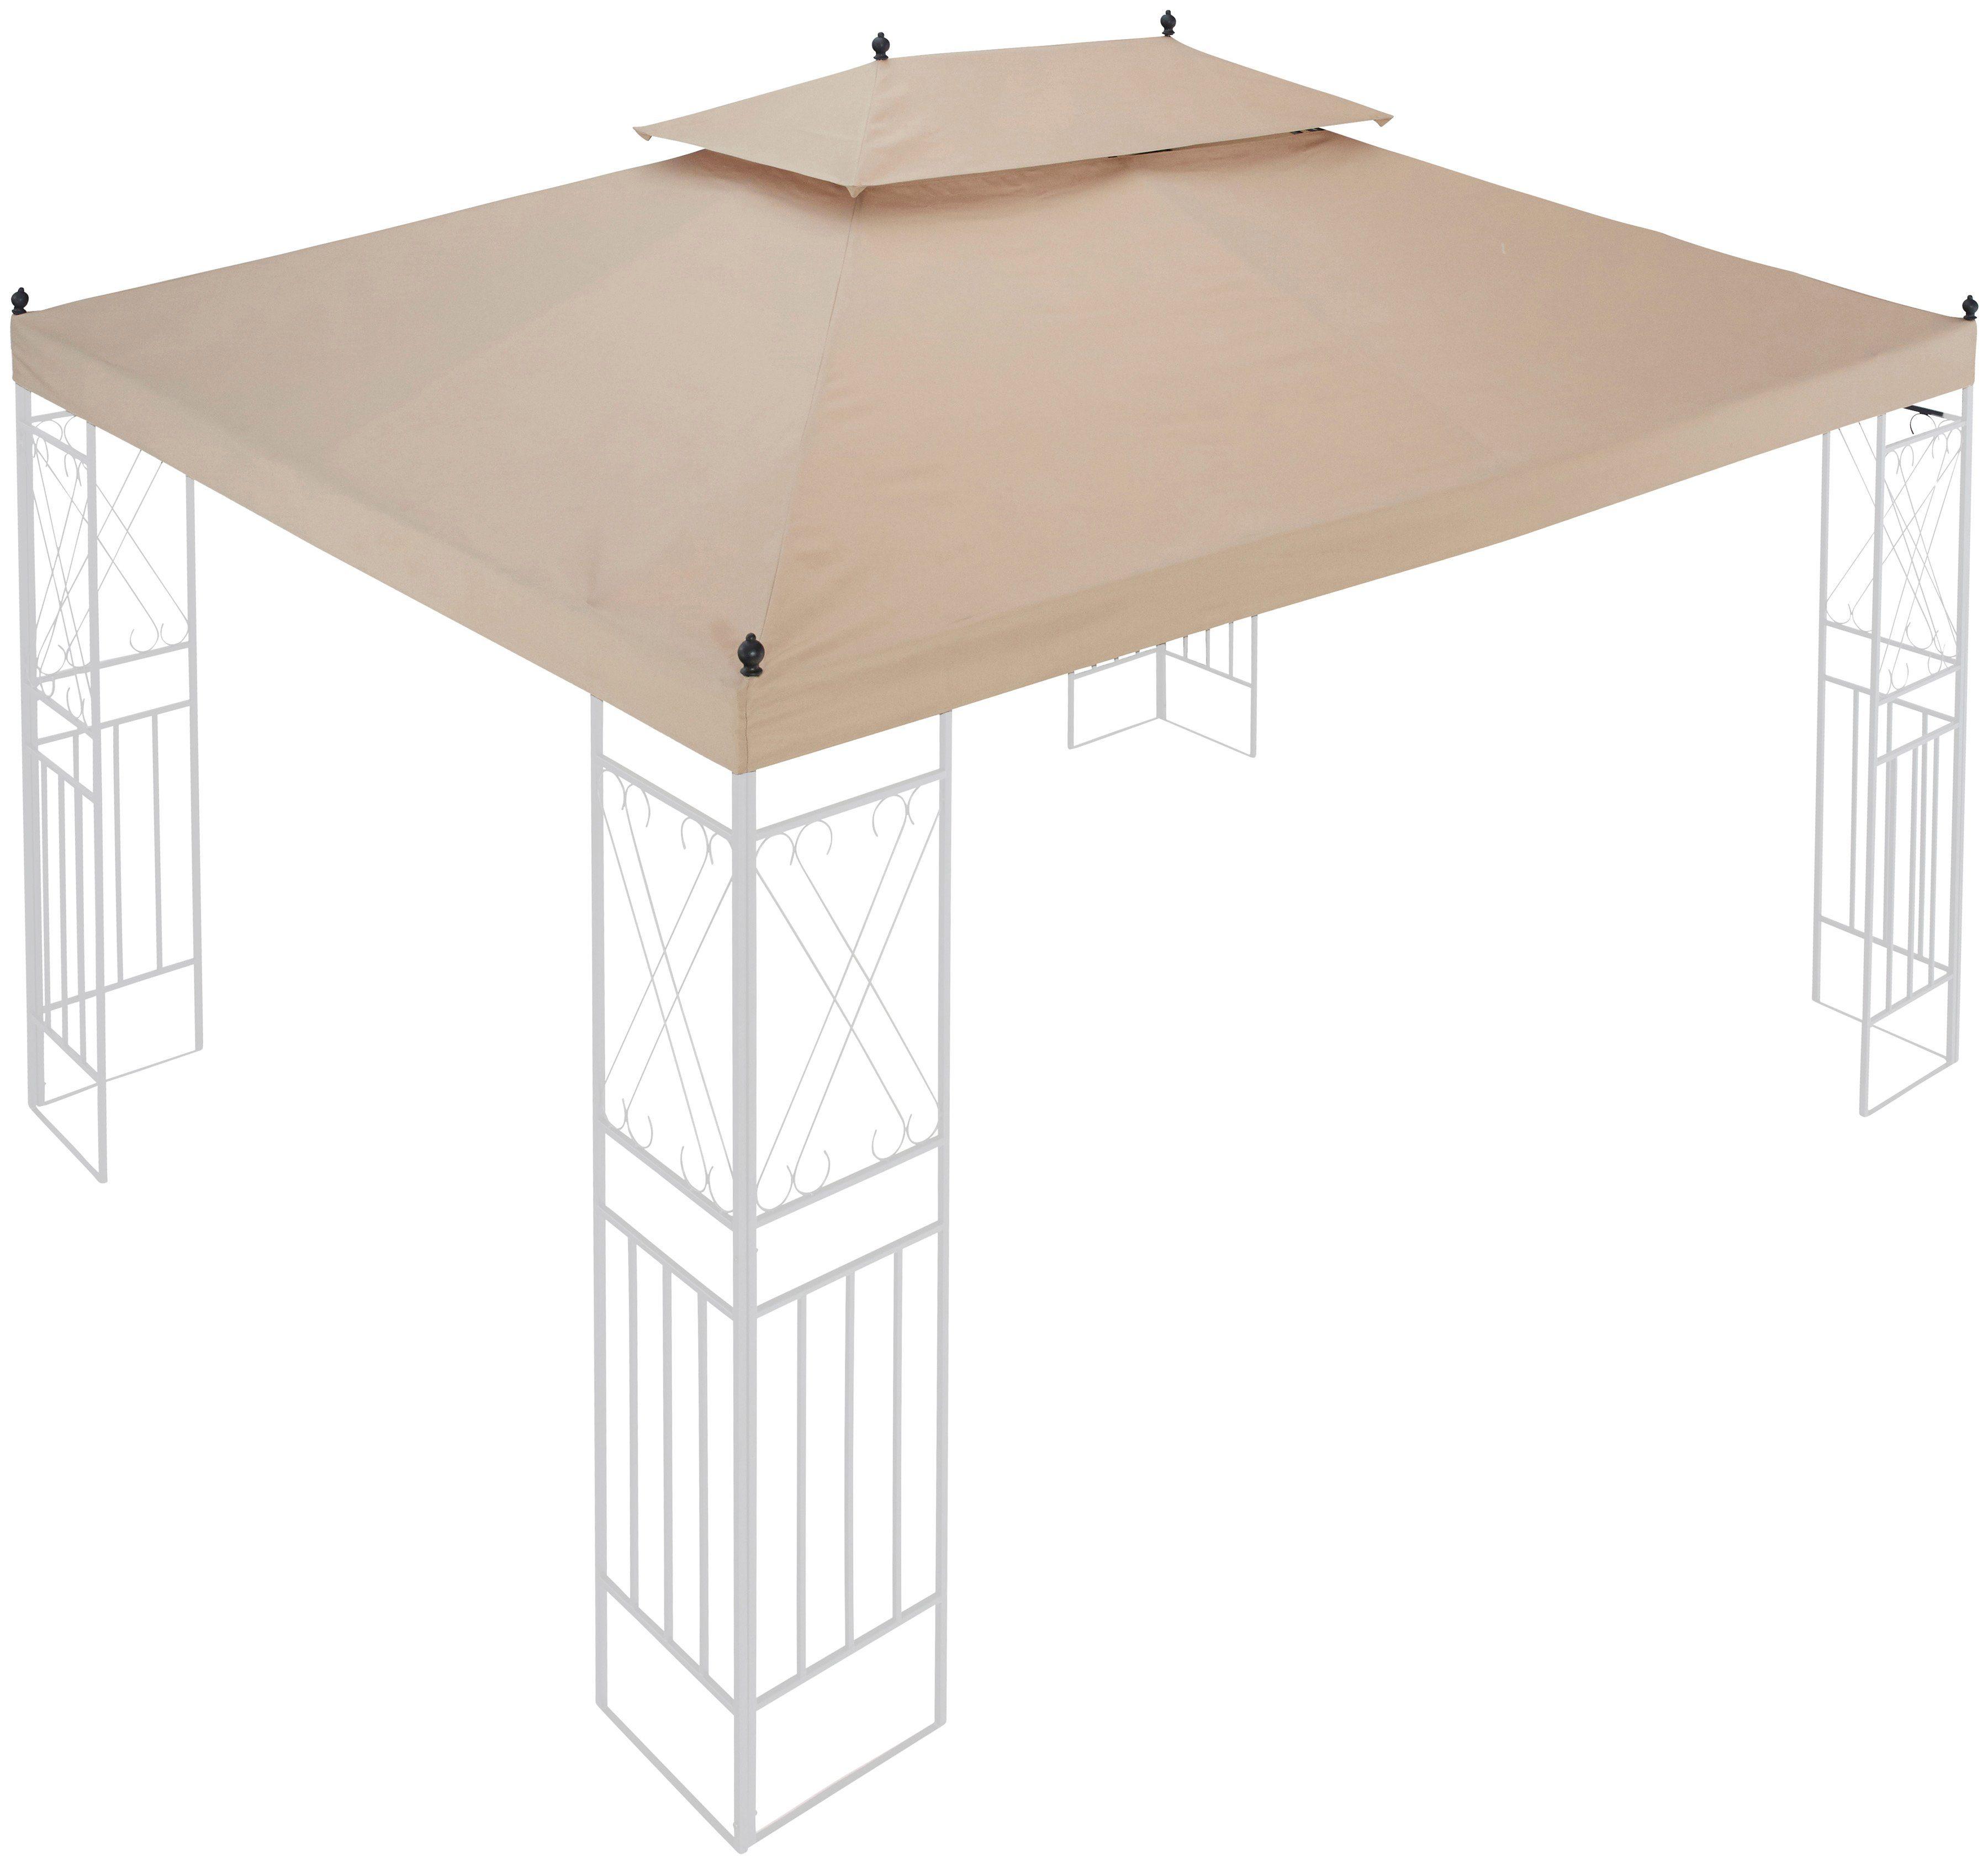 Ersatzdach für Pavillon »Royal«, BxL: 300x400 cm, sandfarben